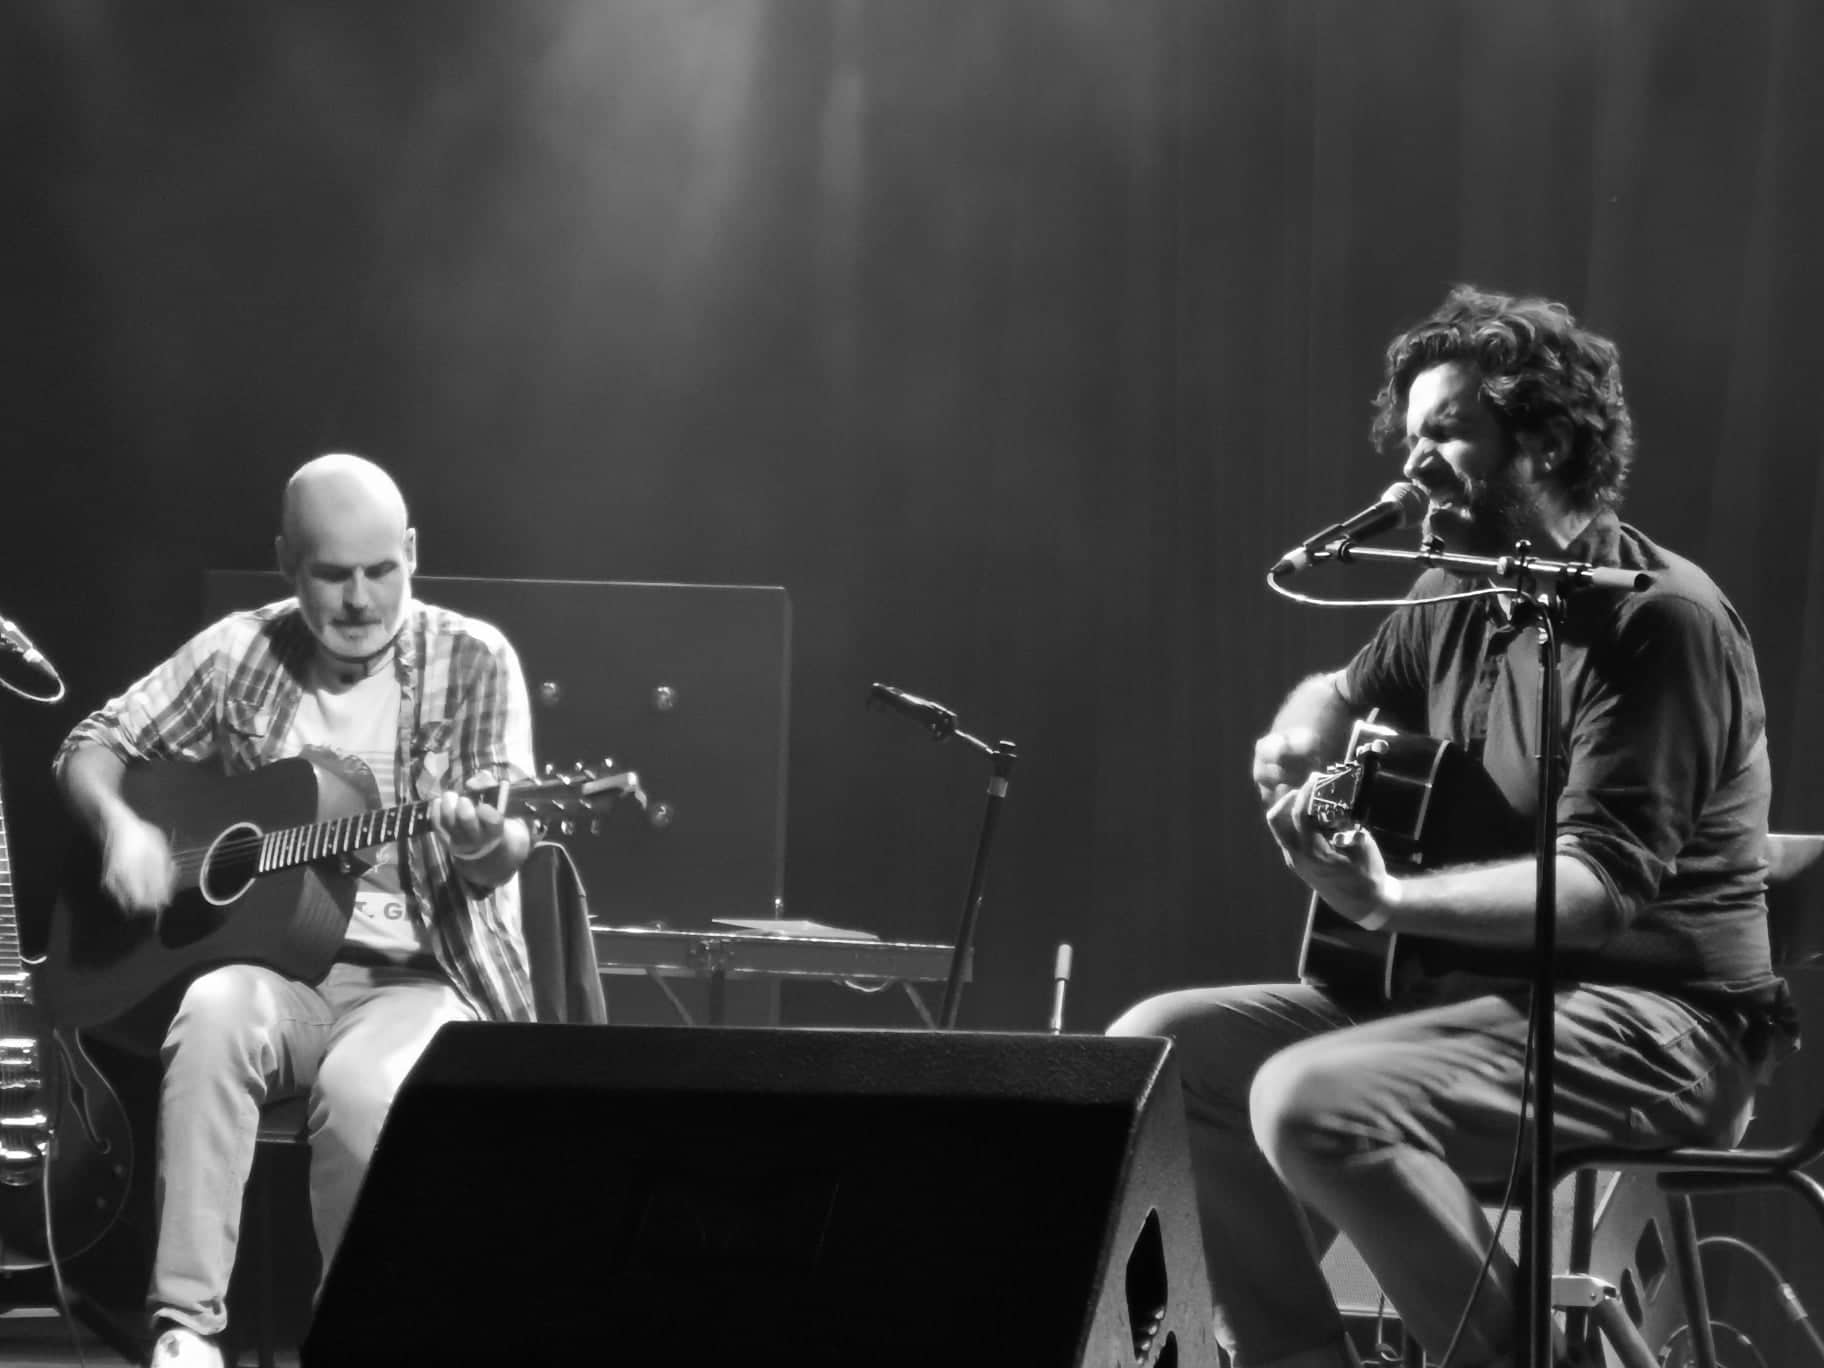 Live report du concert de La Maison Tellier au Noumatrouff